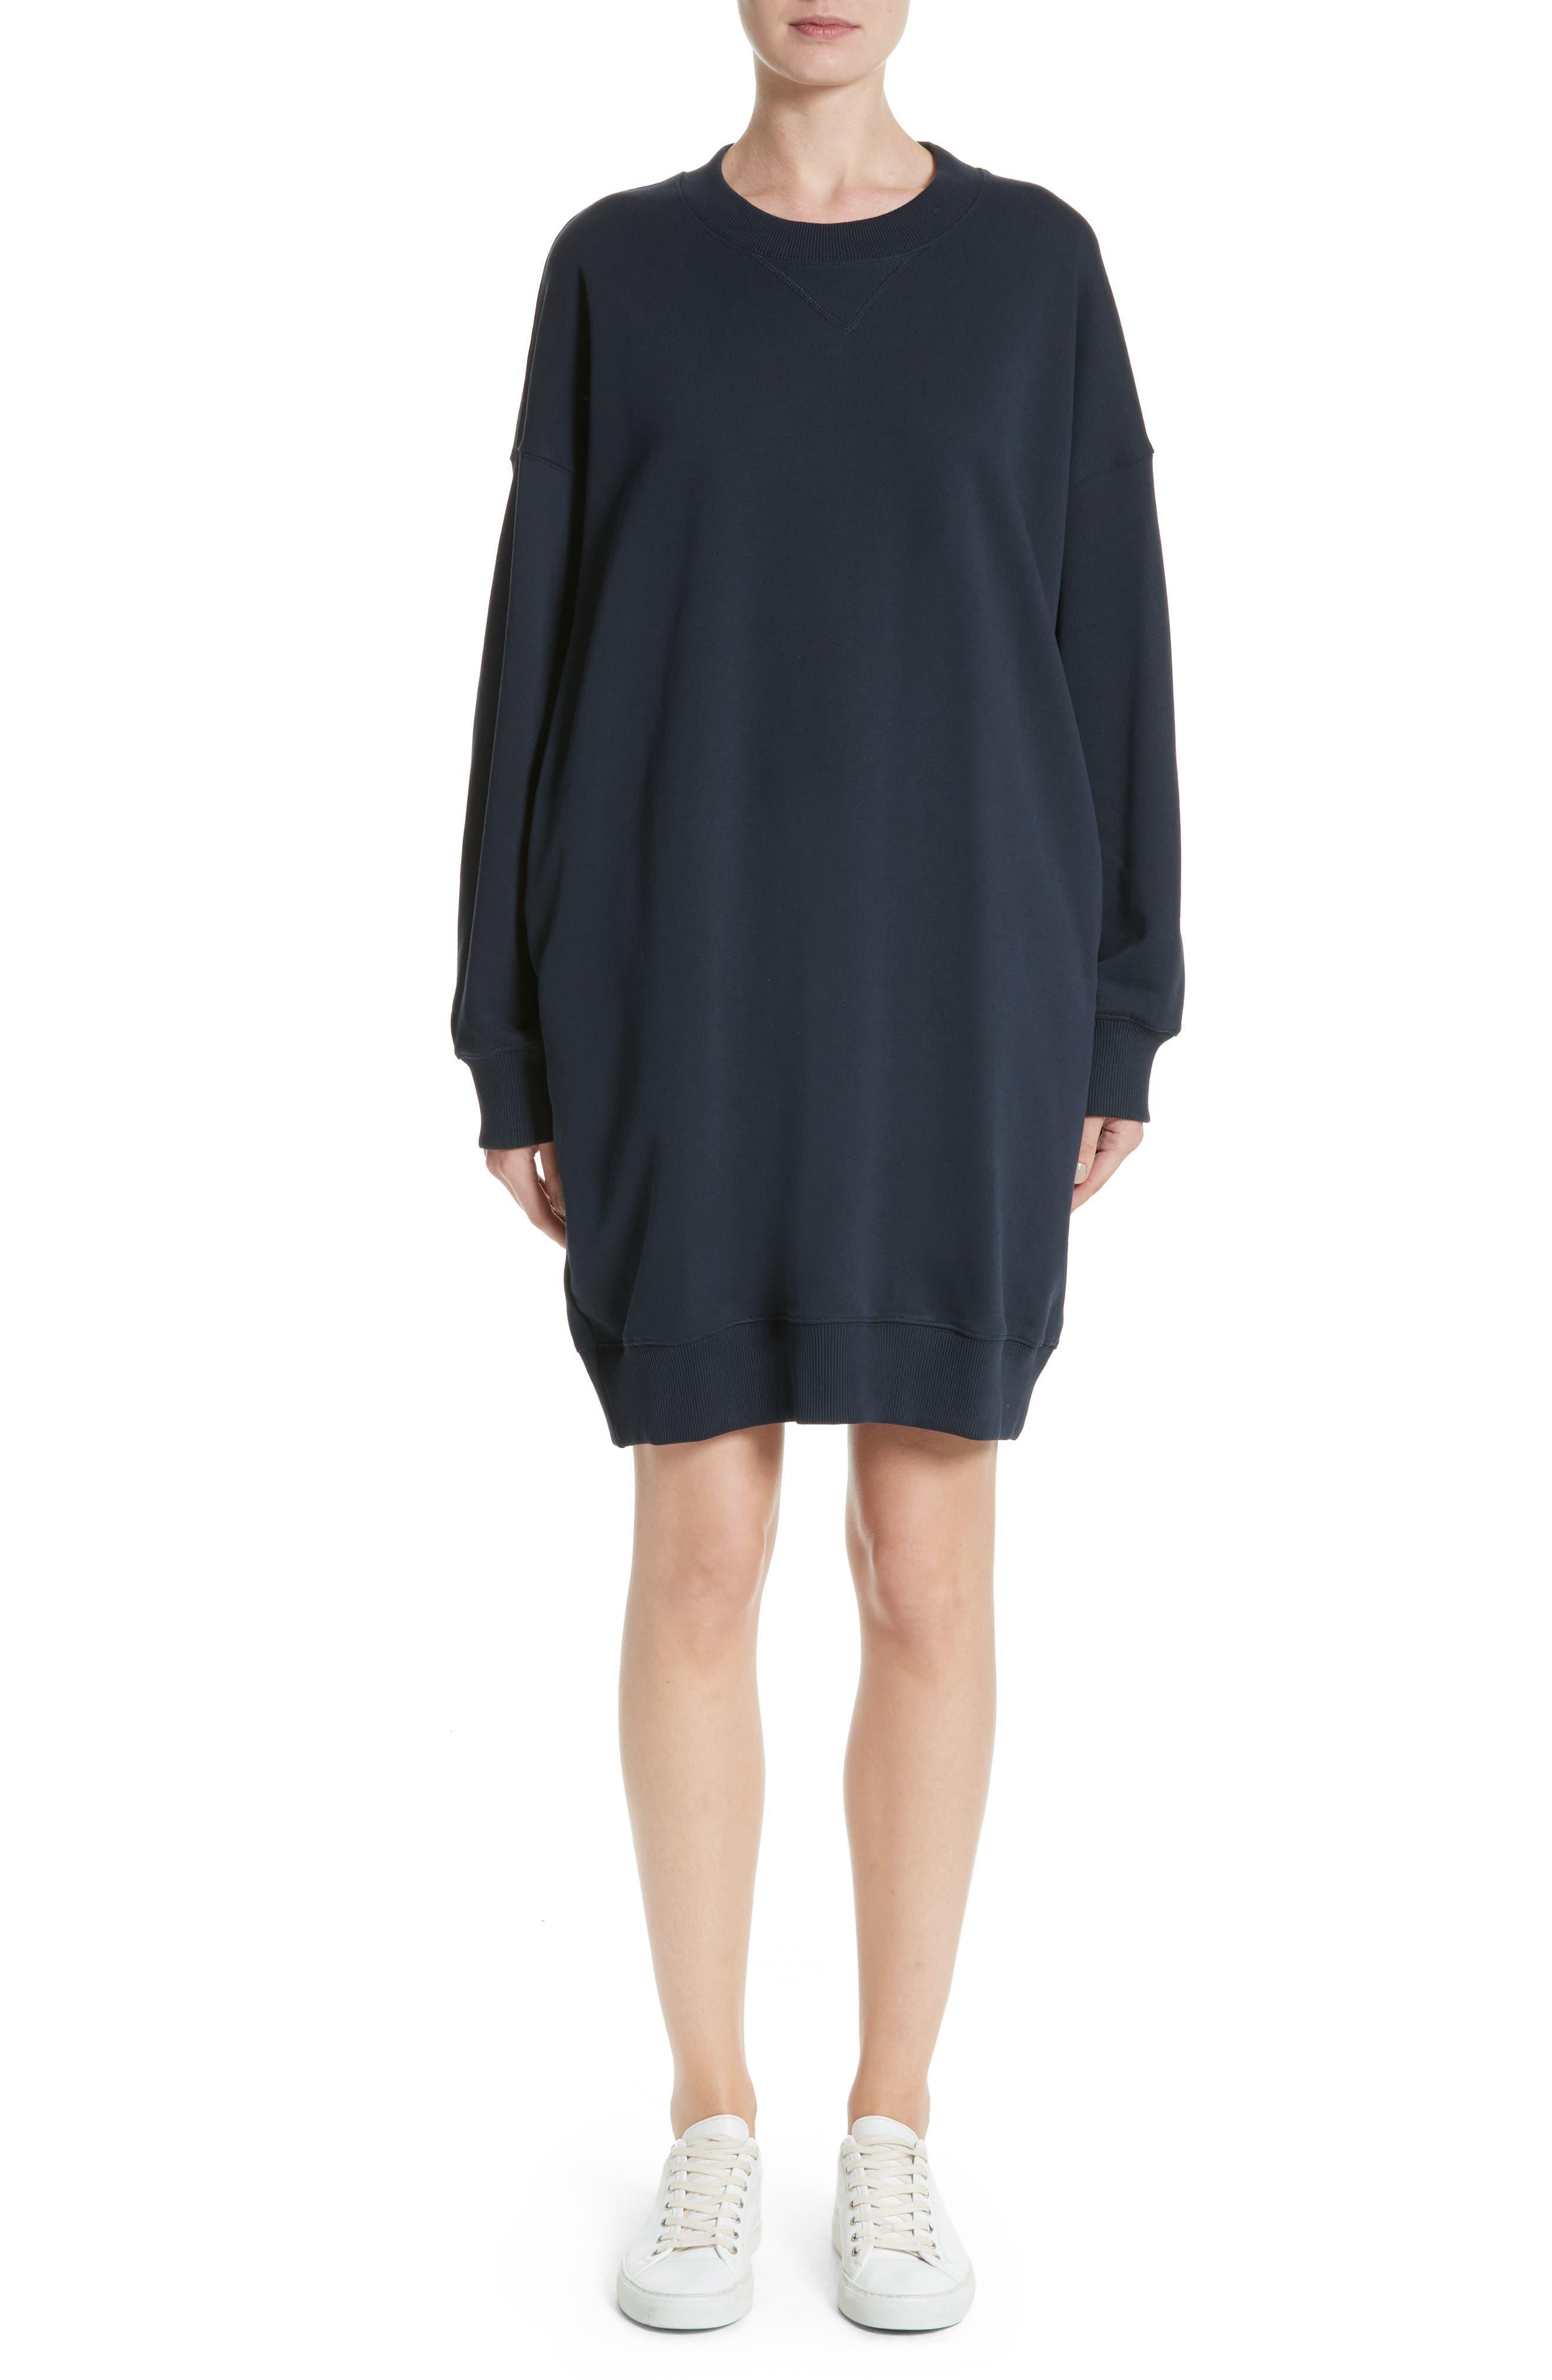 Sofie D'Hoore Sweatshirt Dress